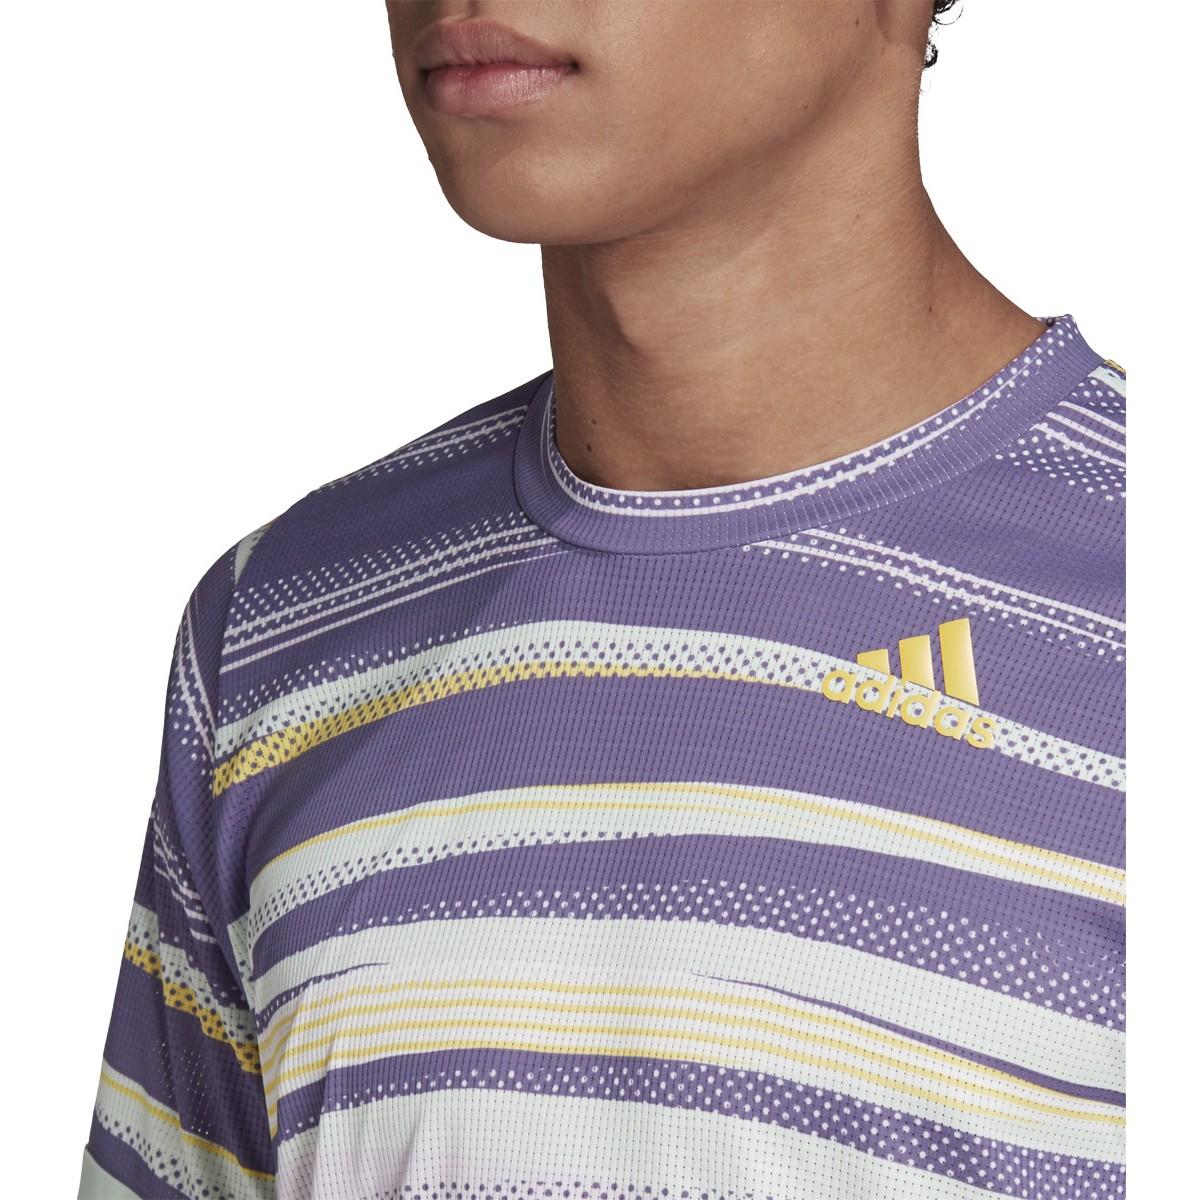 Tee shirt Adidas Open d'Australie Thiem